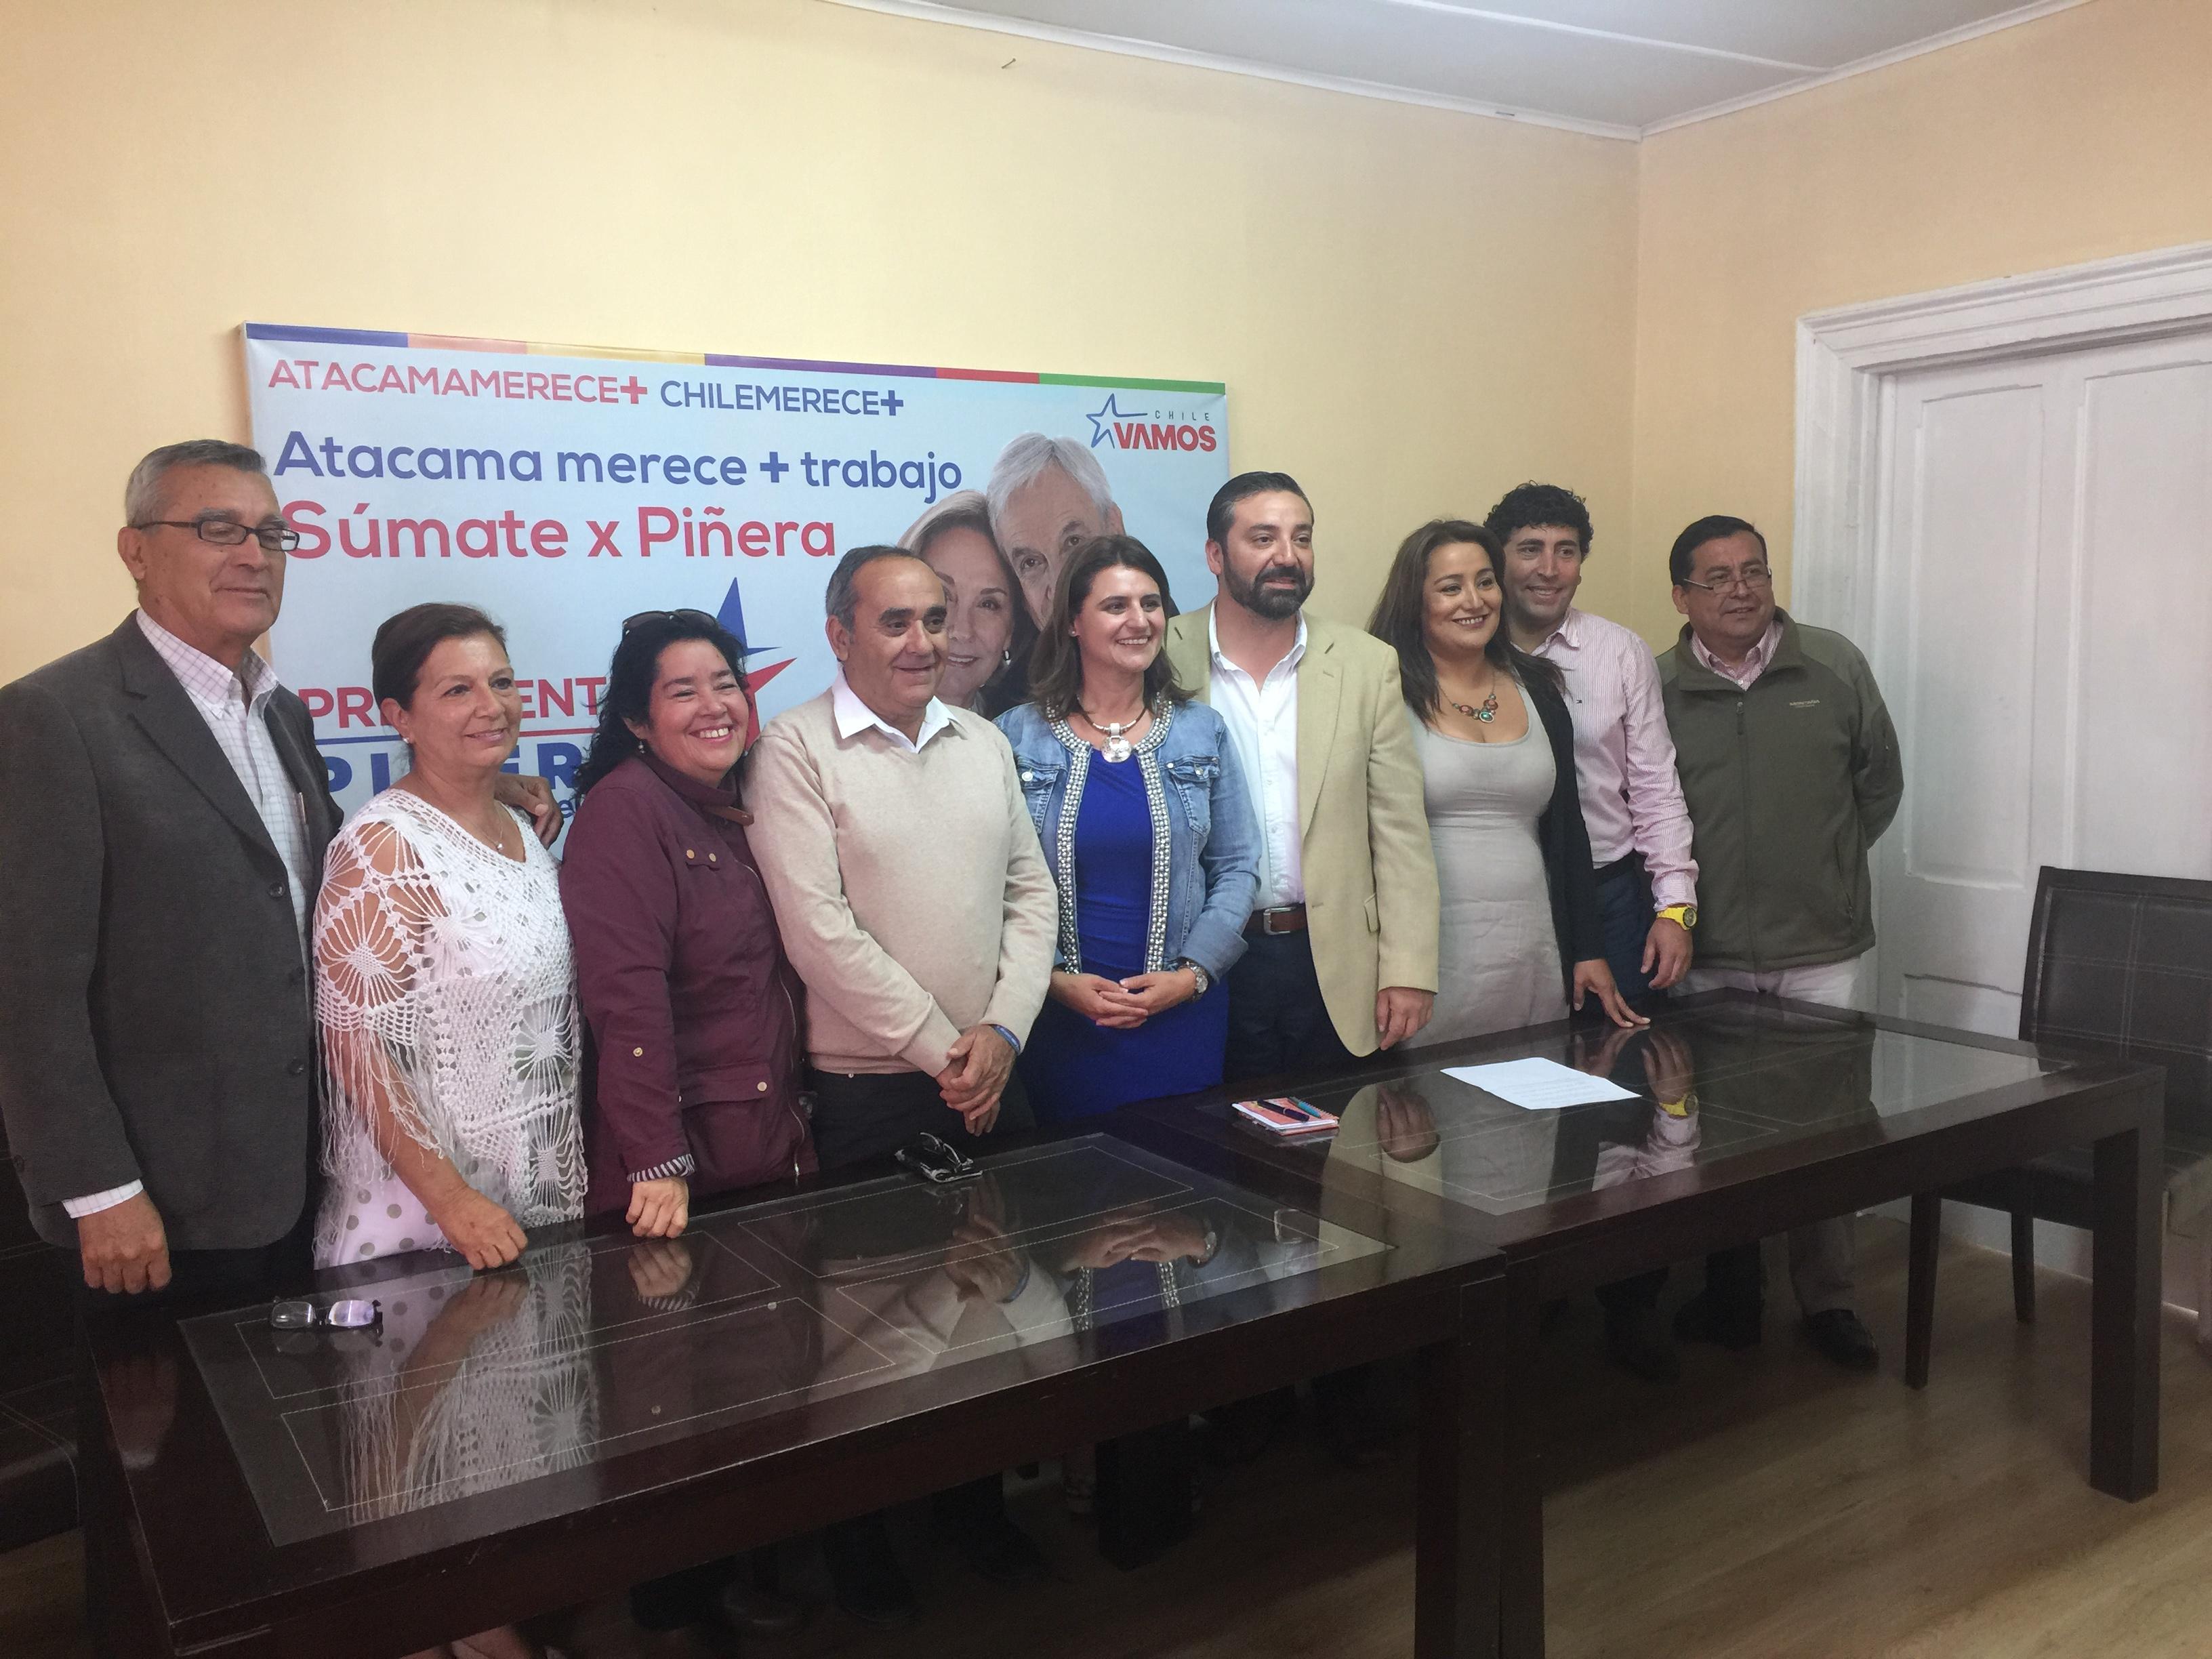 Chile Vamos Atacama se alinea y presenta estrategia de cara a la segunda vuelta Presidencial